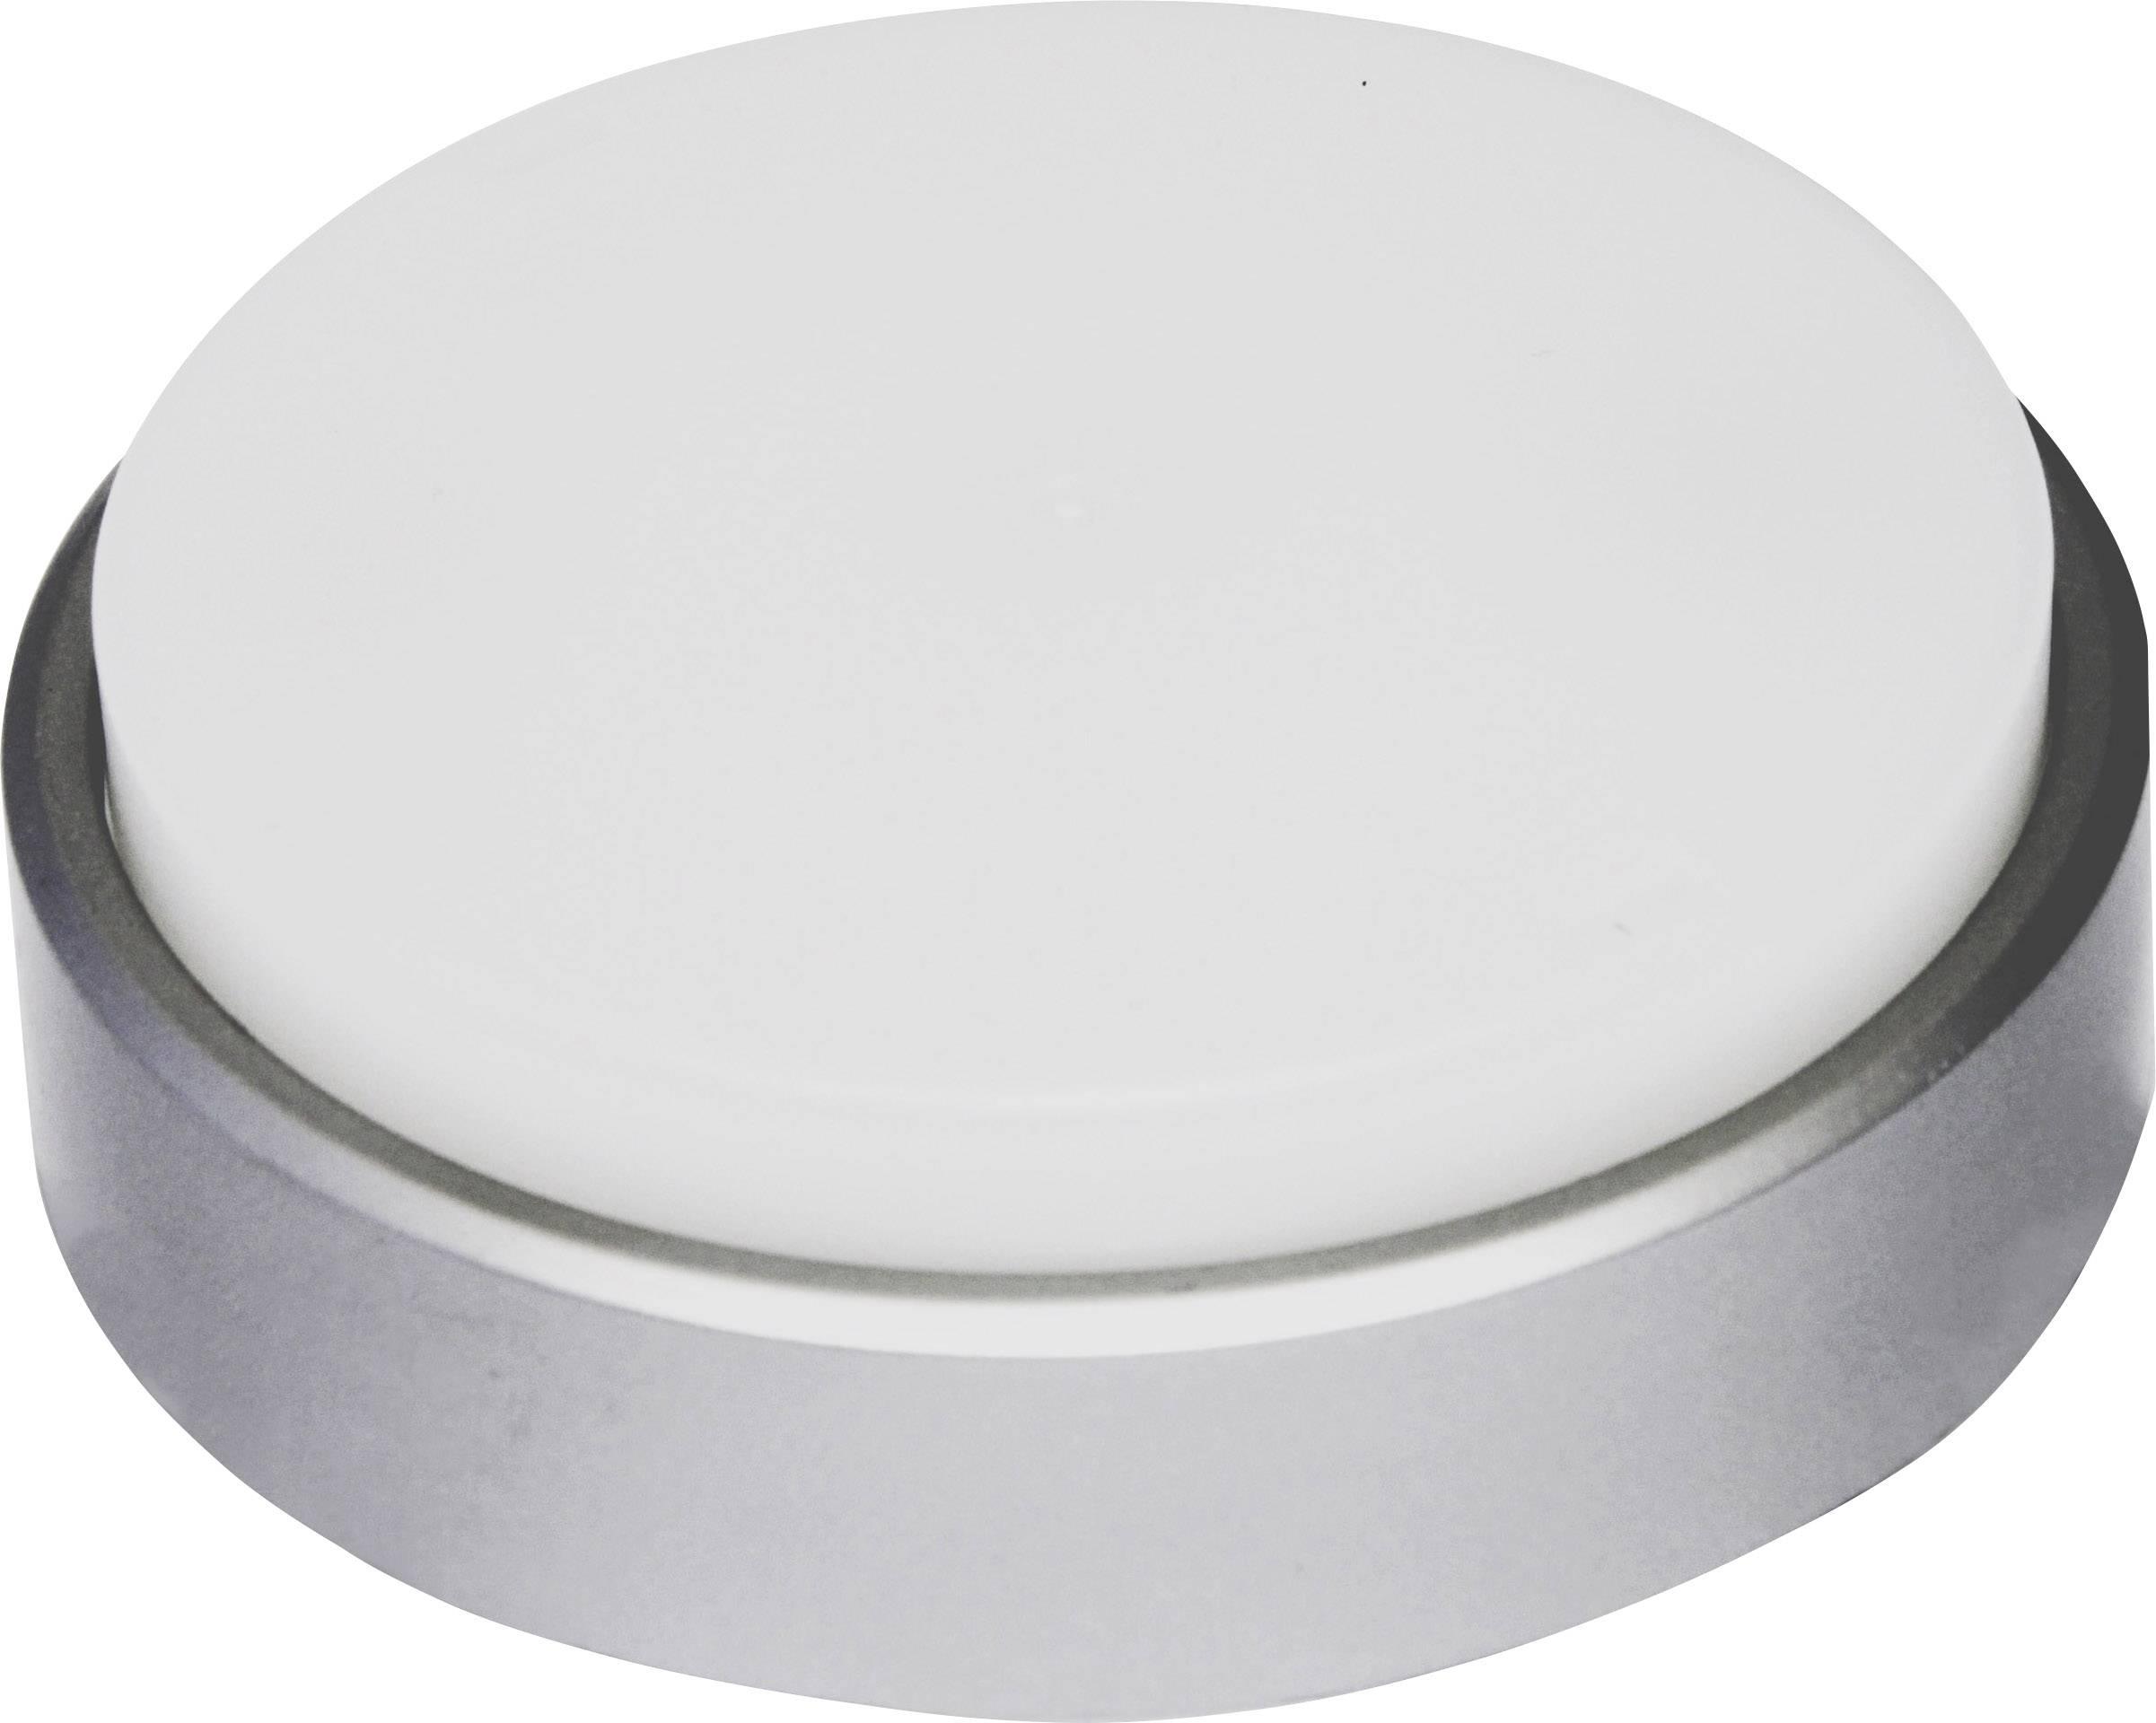 Plafoniere Con Lampade A Risparmio Energetico : Applique lampada a risparmio energetico led gx megatron